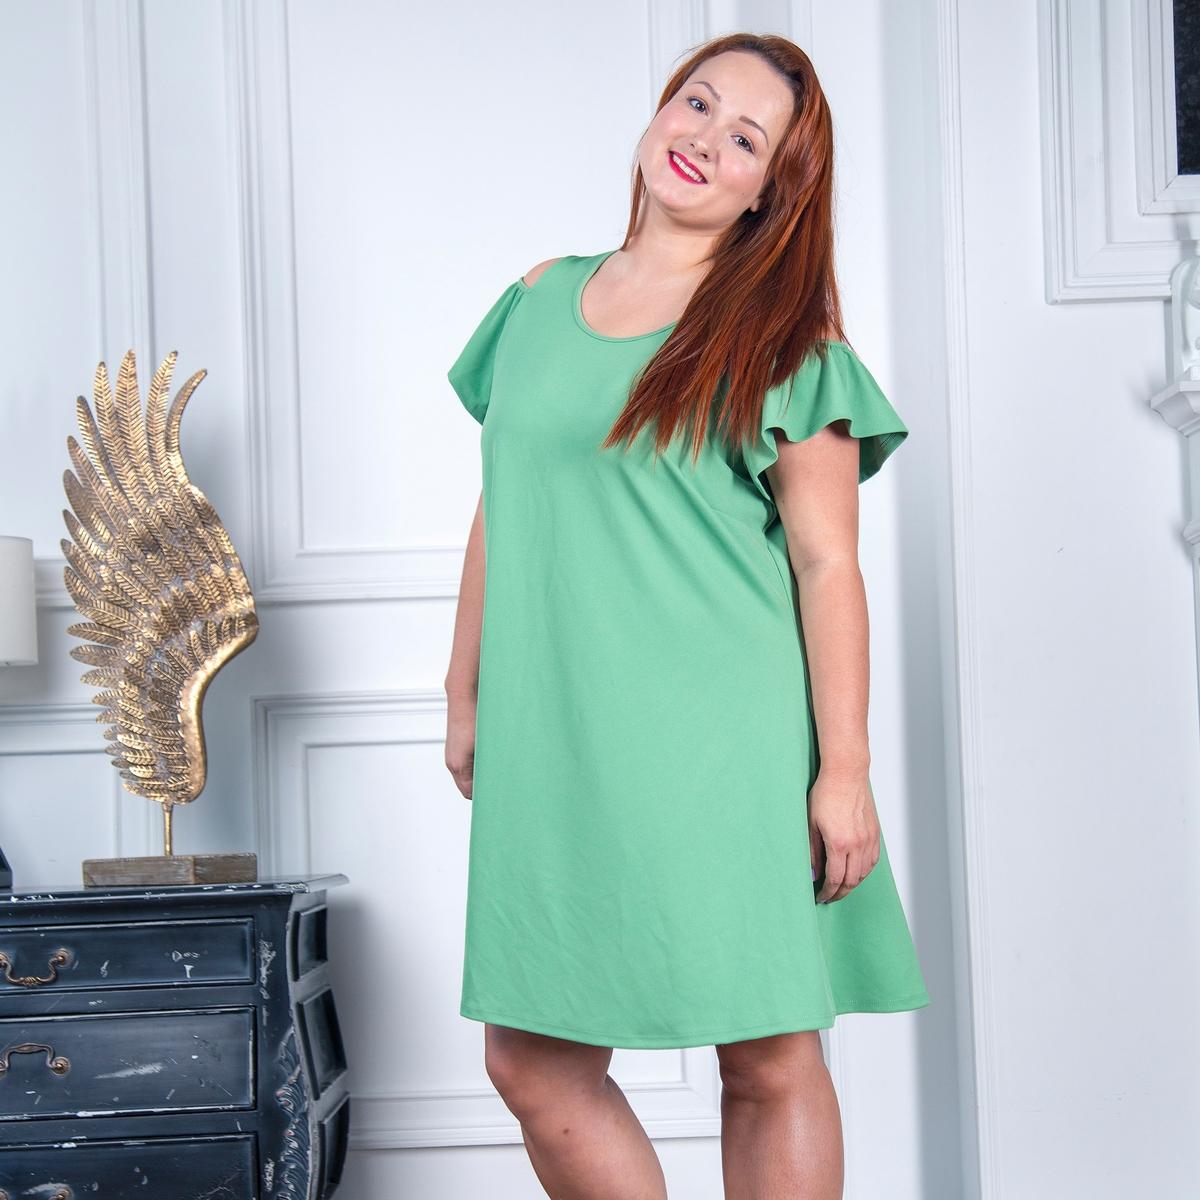 Платье LaRedoute Расклешенное с открытыми плечами 50 (FR) - 56 (RUS) зеленый пуловер la redoute с открытыми плечами из плотного трикотажа с узором косы 40 fr 46 rus зеленый